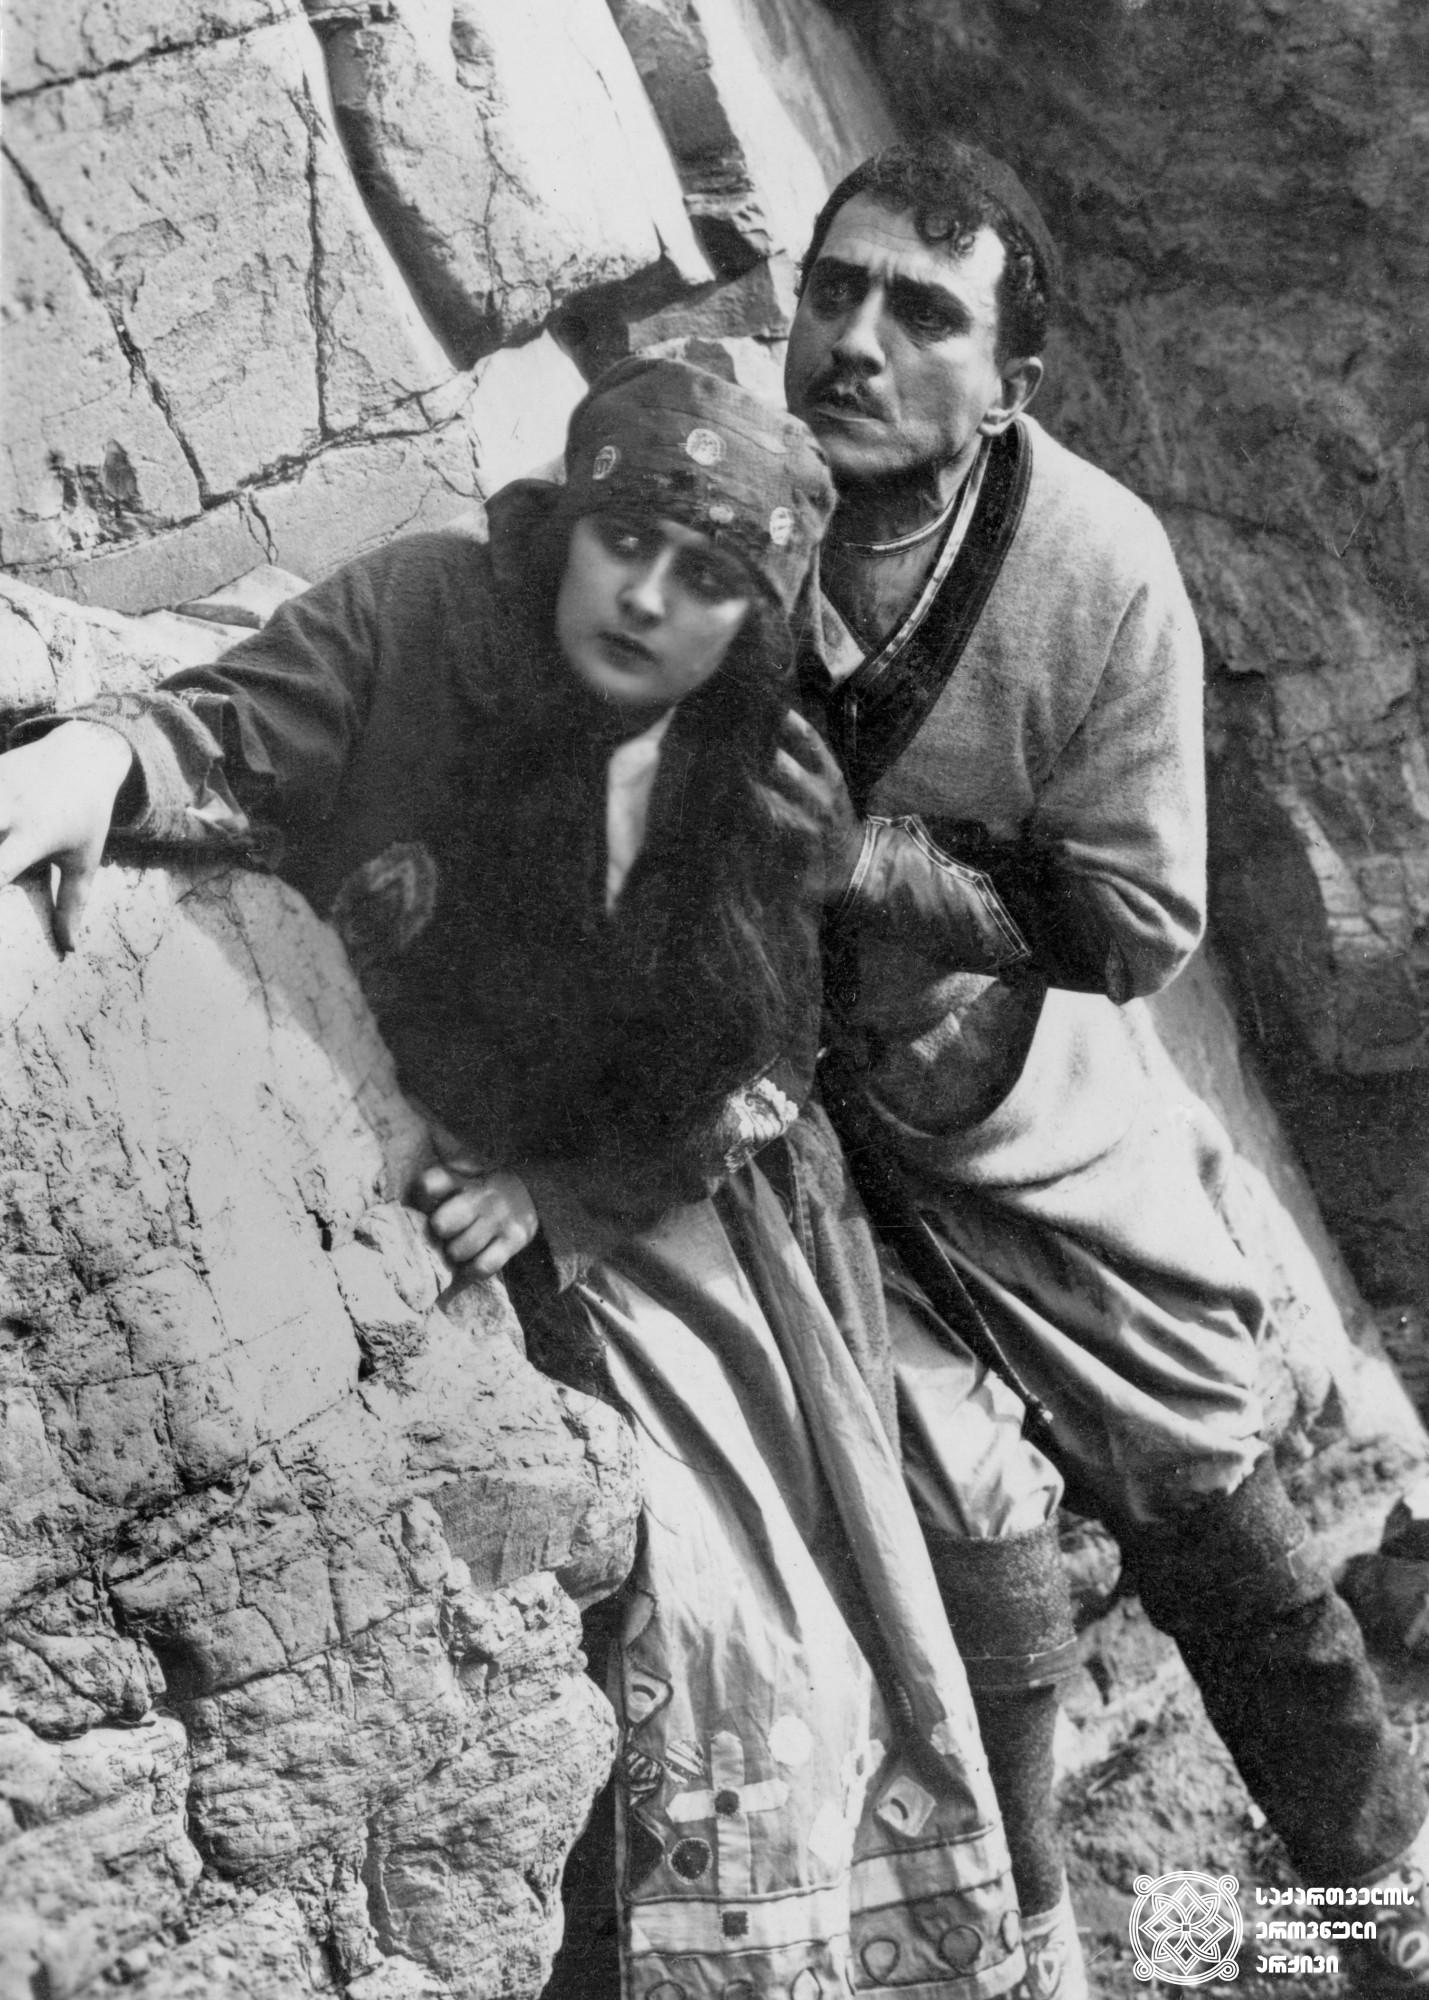 """მხატვრული ფილმი """"მამის მკვლელი"""", ნატო ვაჩნაძე და ვანო სარაჯიშვილი გადასაღებ მოედანზე. <br> რეჟისორი: ამო ბეკ-ნაზაროვი. <br> 1923.<br>  Feature film """"Father's Assassin"""". Nato Vachnadze and Vano Sarajishvili on the filming location. <br> Director: Amy Beck-Nazarov. <br> 1923."""